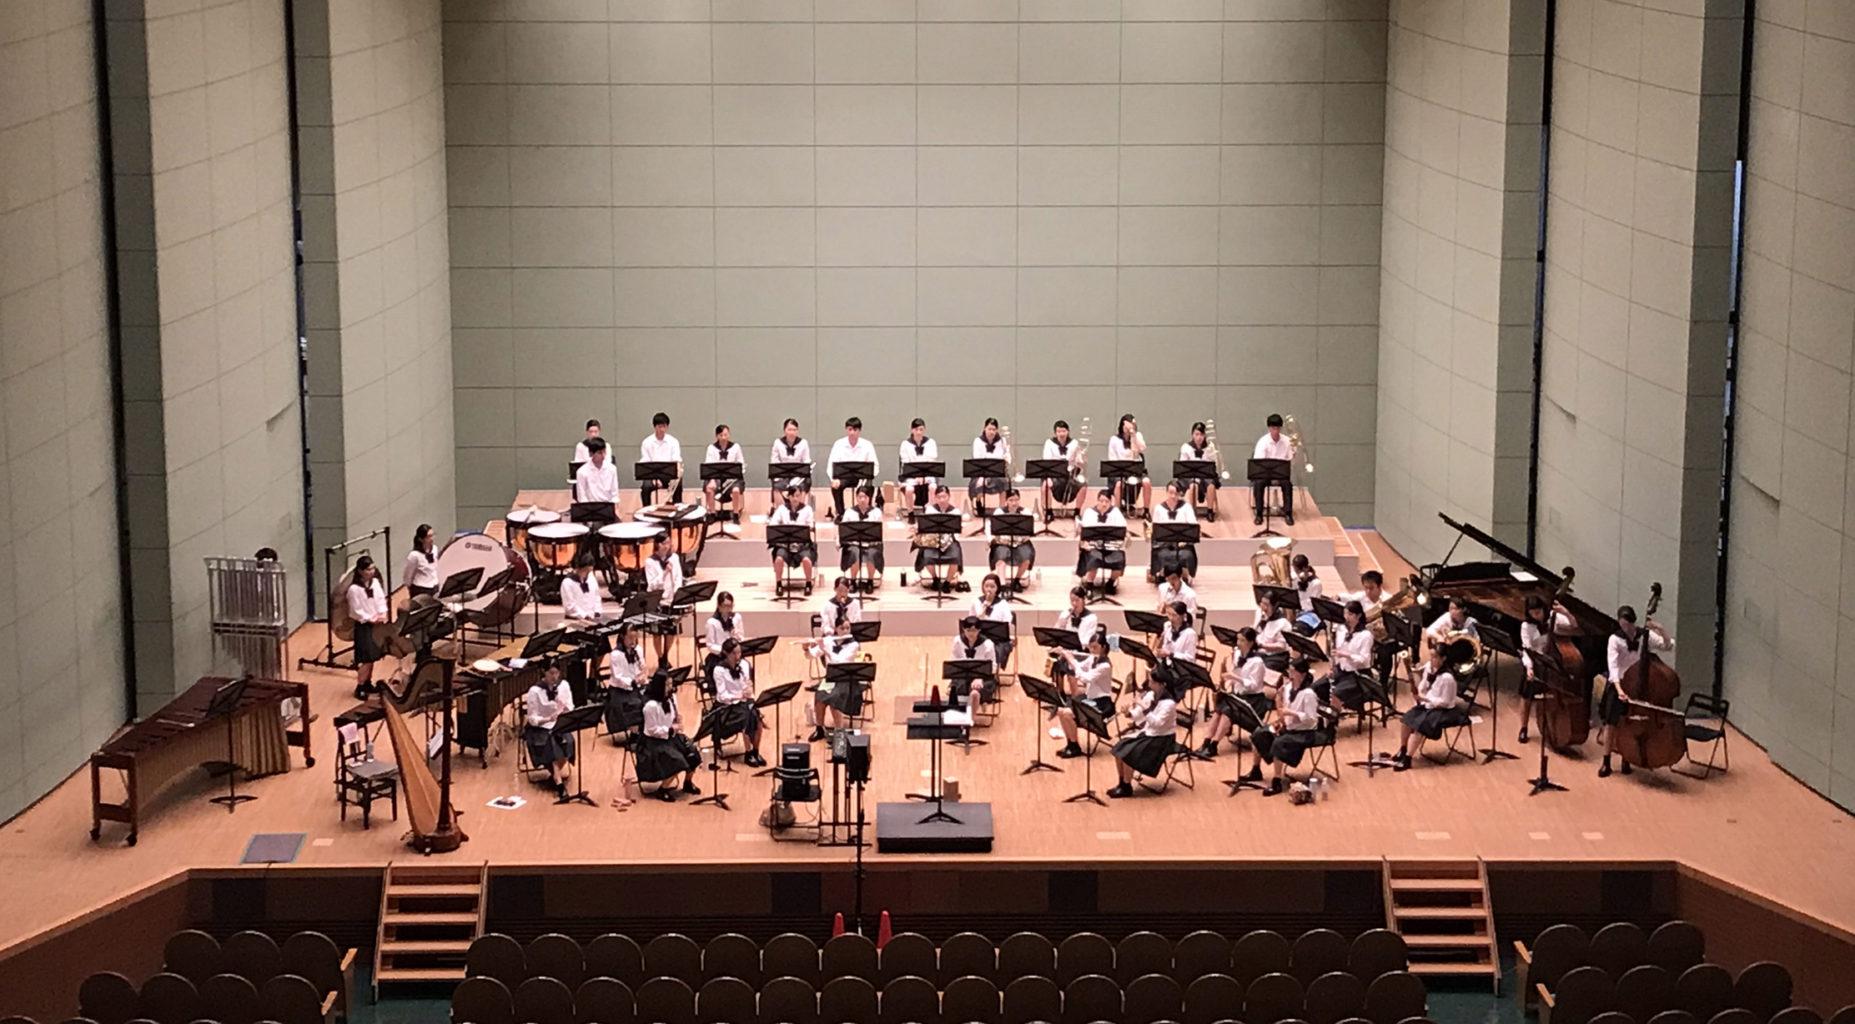 吹奏楽部:コンクール県大会通過、35年連続で中国大会へ